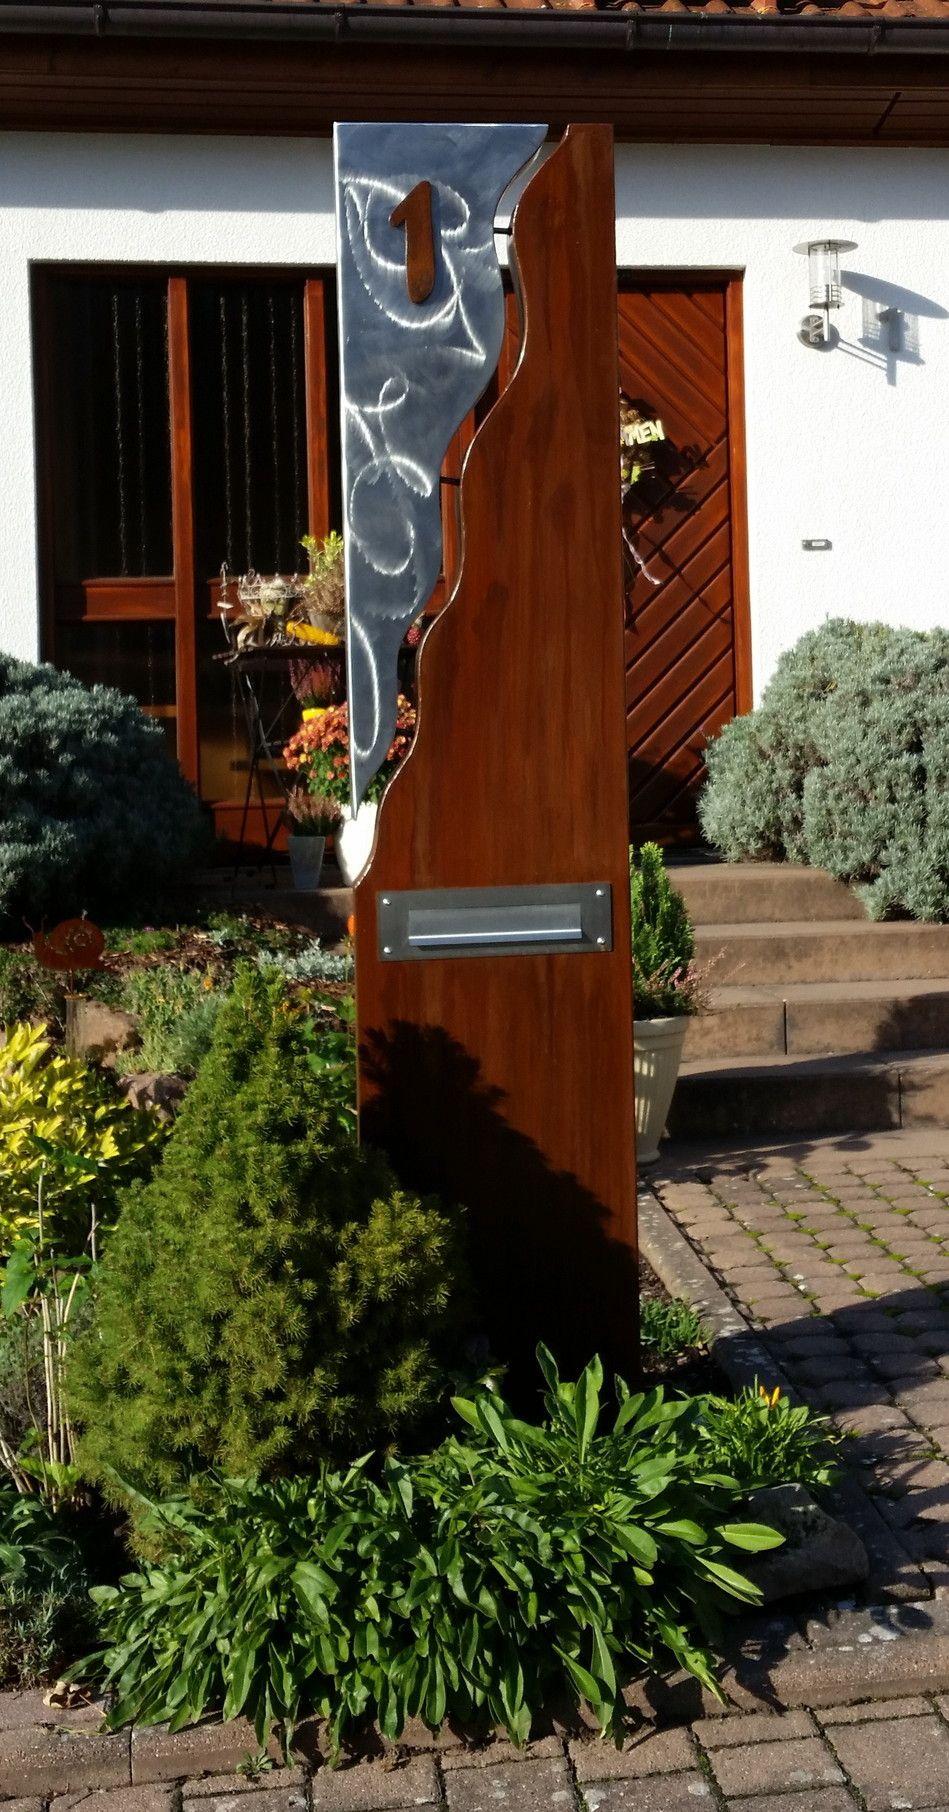 Full Size of Gartendeko Modern Moderne Skulpturen Online Selber Machen Metall Kaufen Rost Edelstahl Pinterest Briefkasten Sule Bestehend Aus Einer Kombination Von Stahl U Wohnzimmer Gartendeko Modern